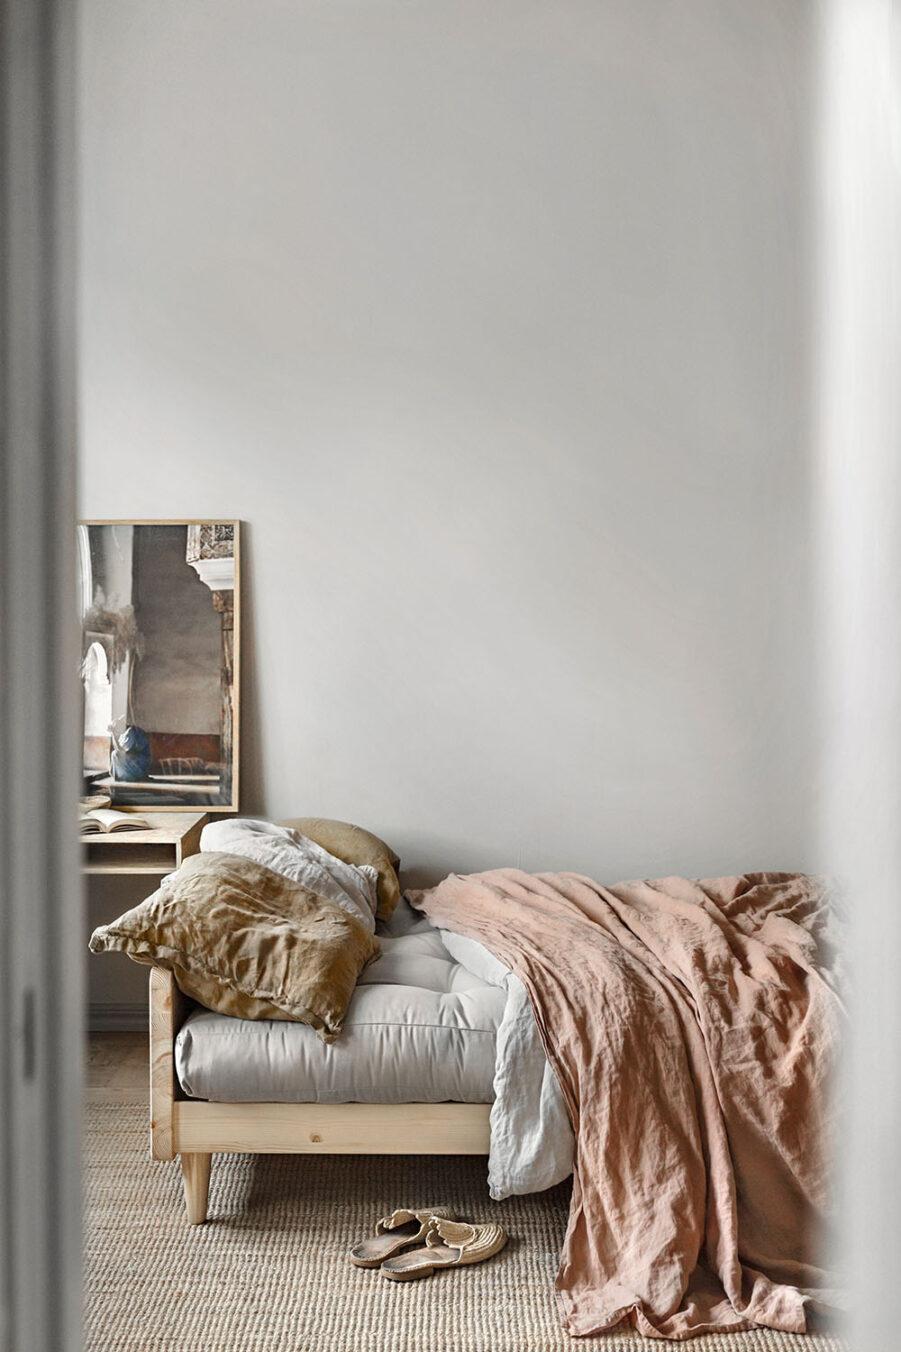 Miljöbild på Indi soffa från karup Design.